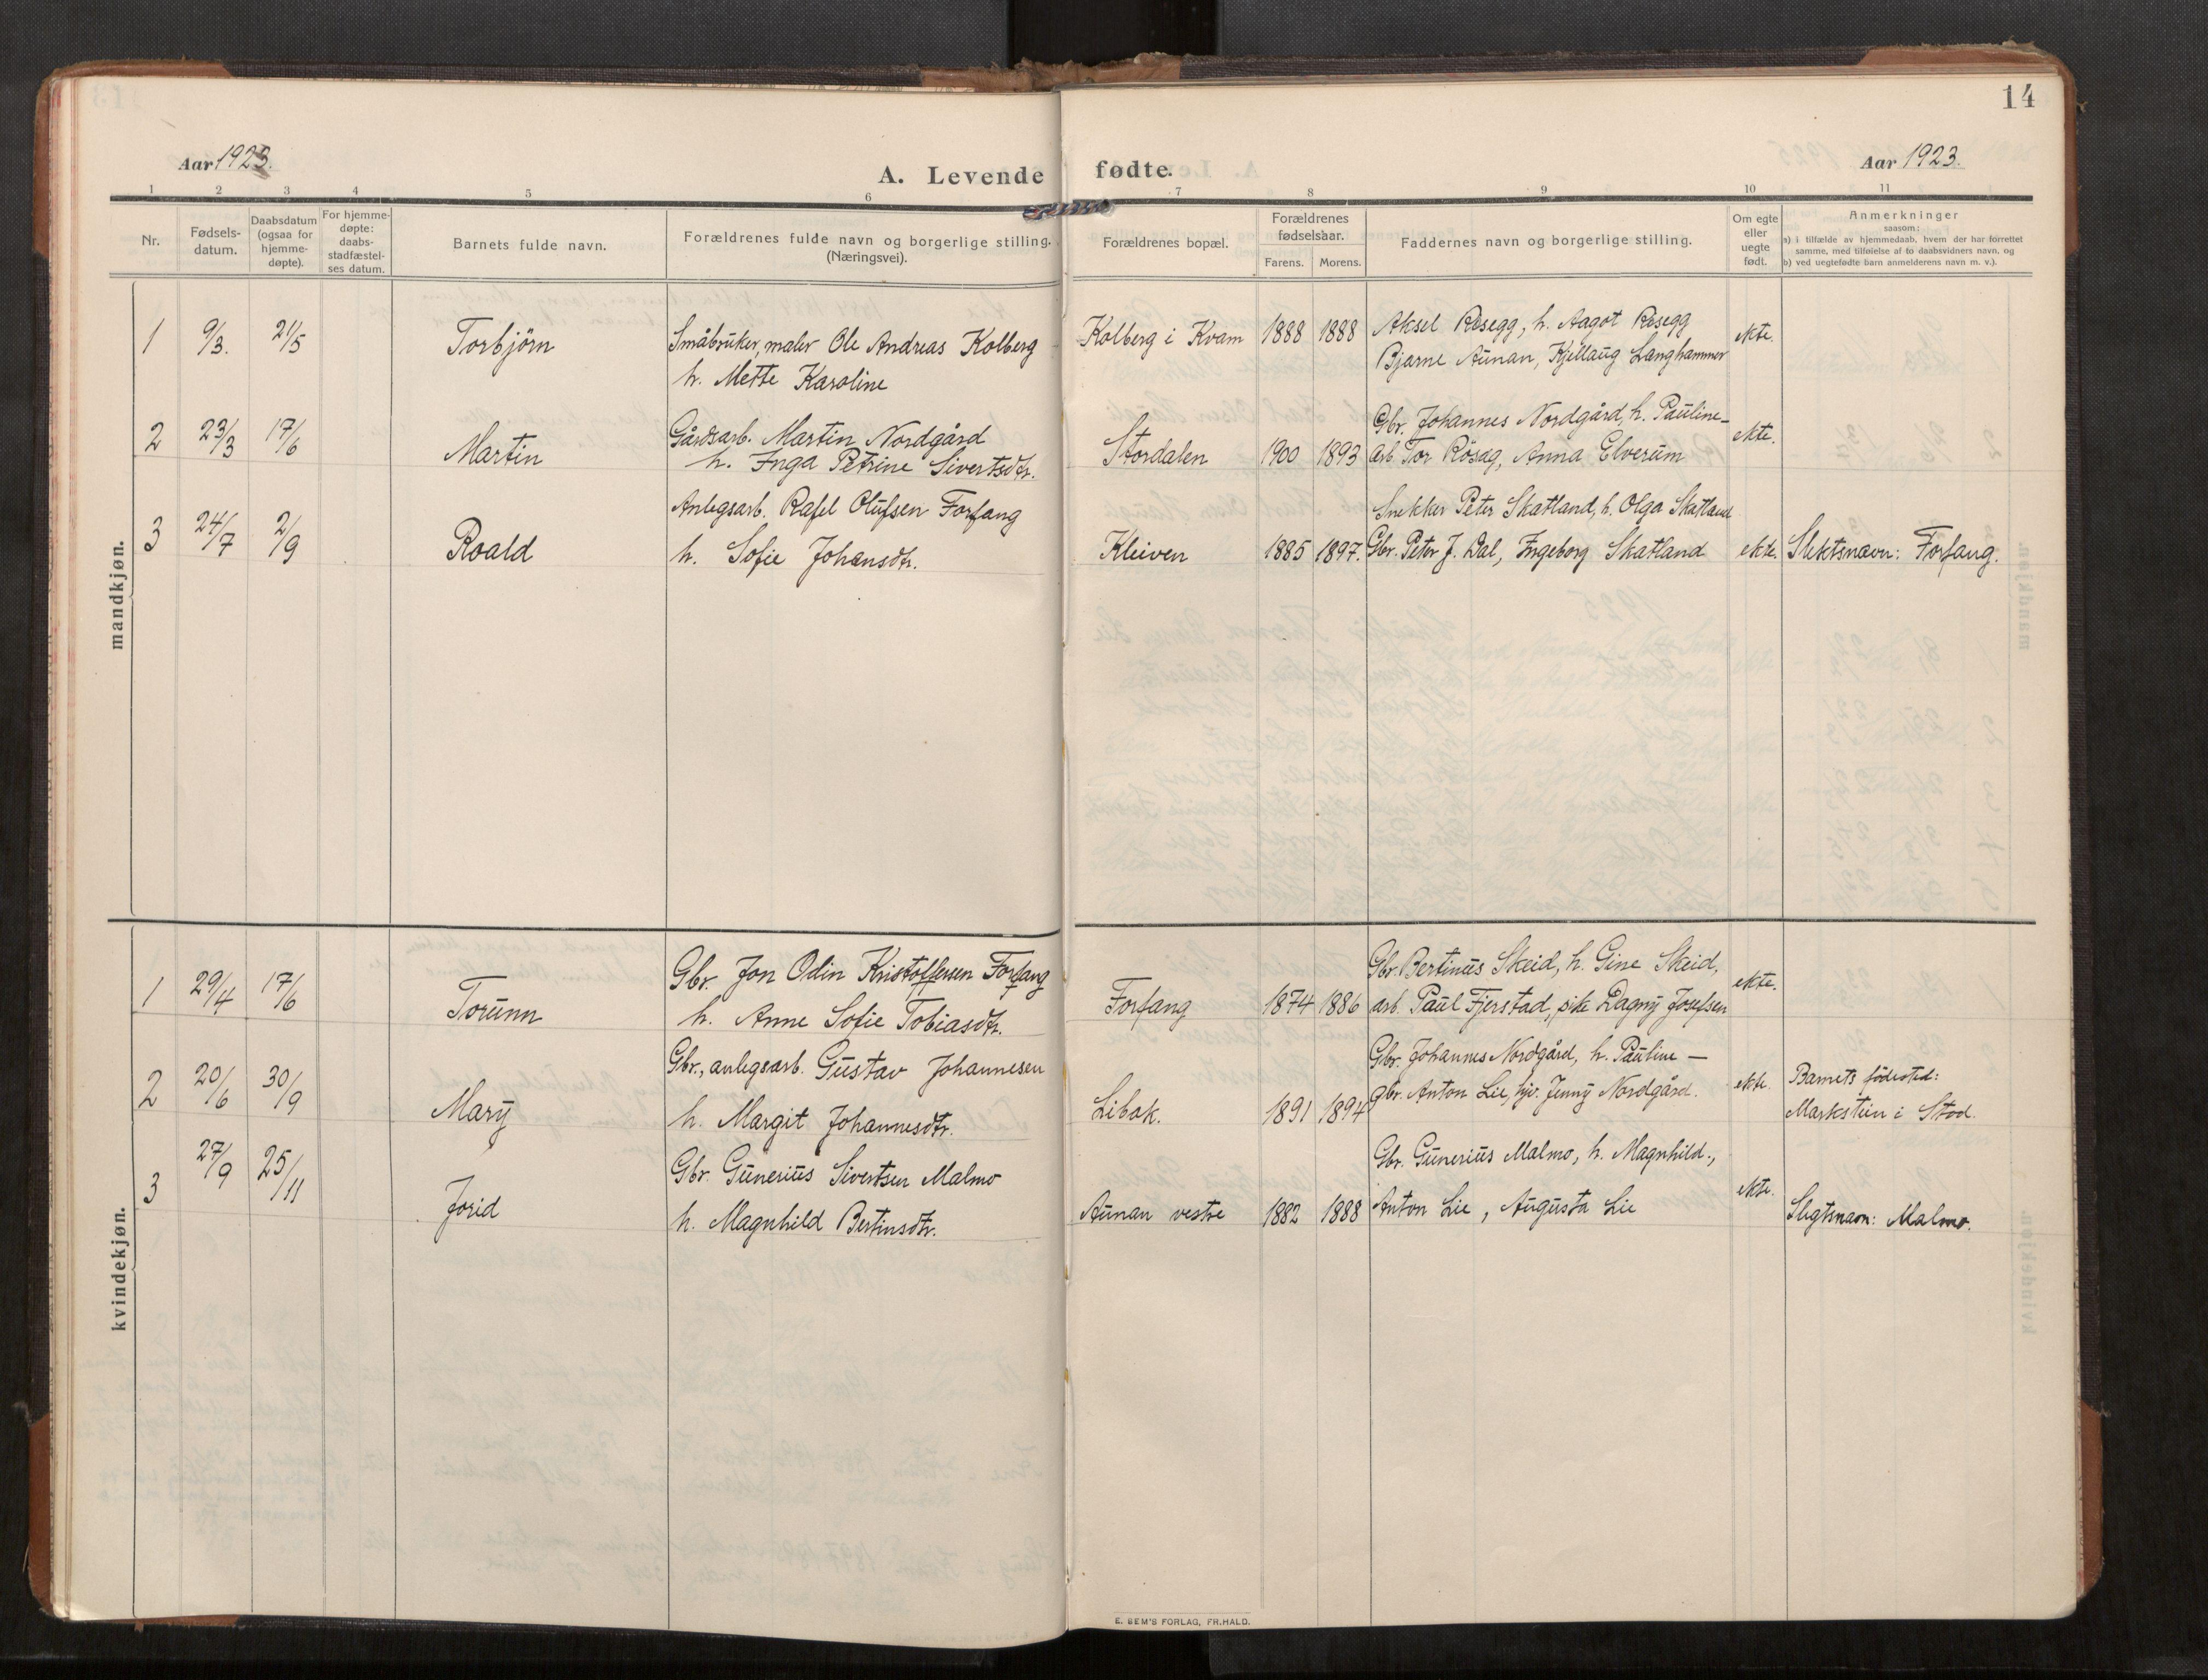 SAT, Stod sokneprestkontor, I/I1/I1a/L0003: Parish register (official) no. 3, 1909-1934, p. 14